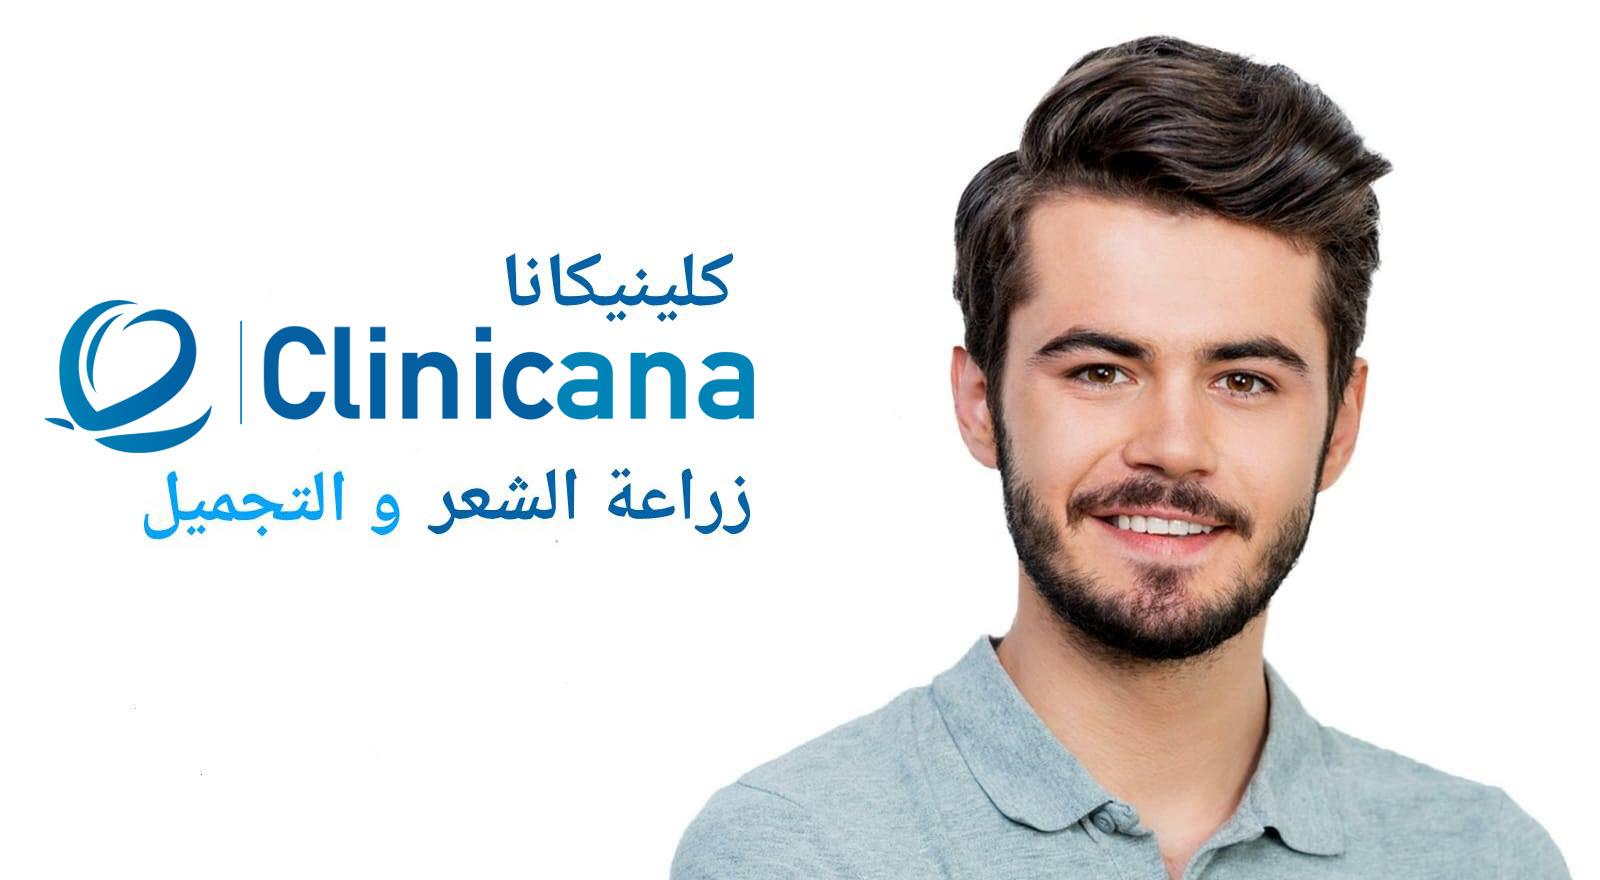 Photo of كلينيكانا مركز لزراعة الشعر في الكويت والعالم العربي